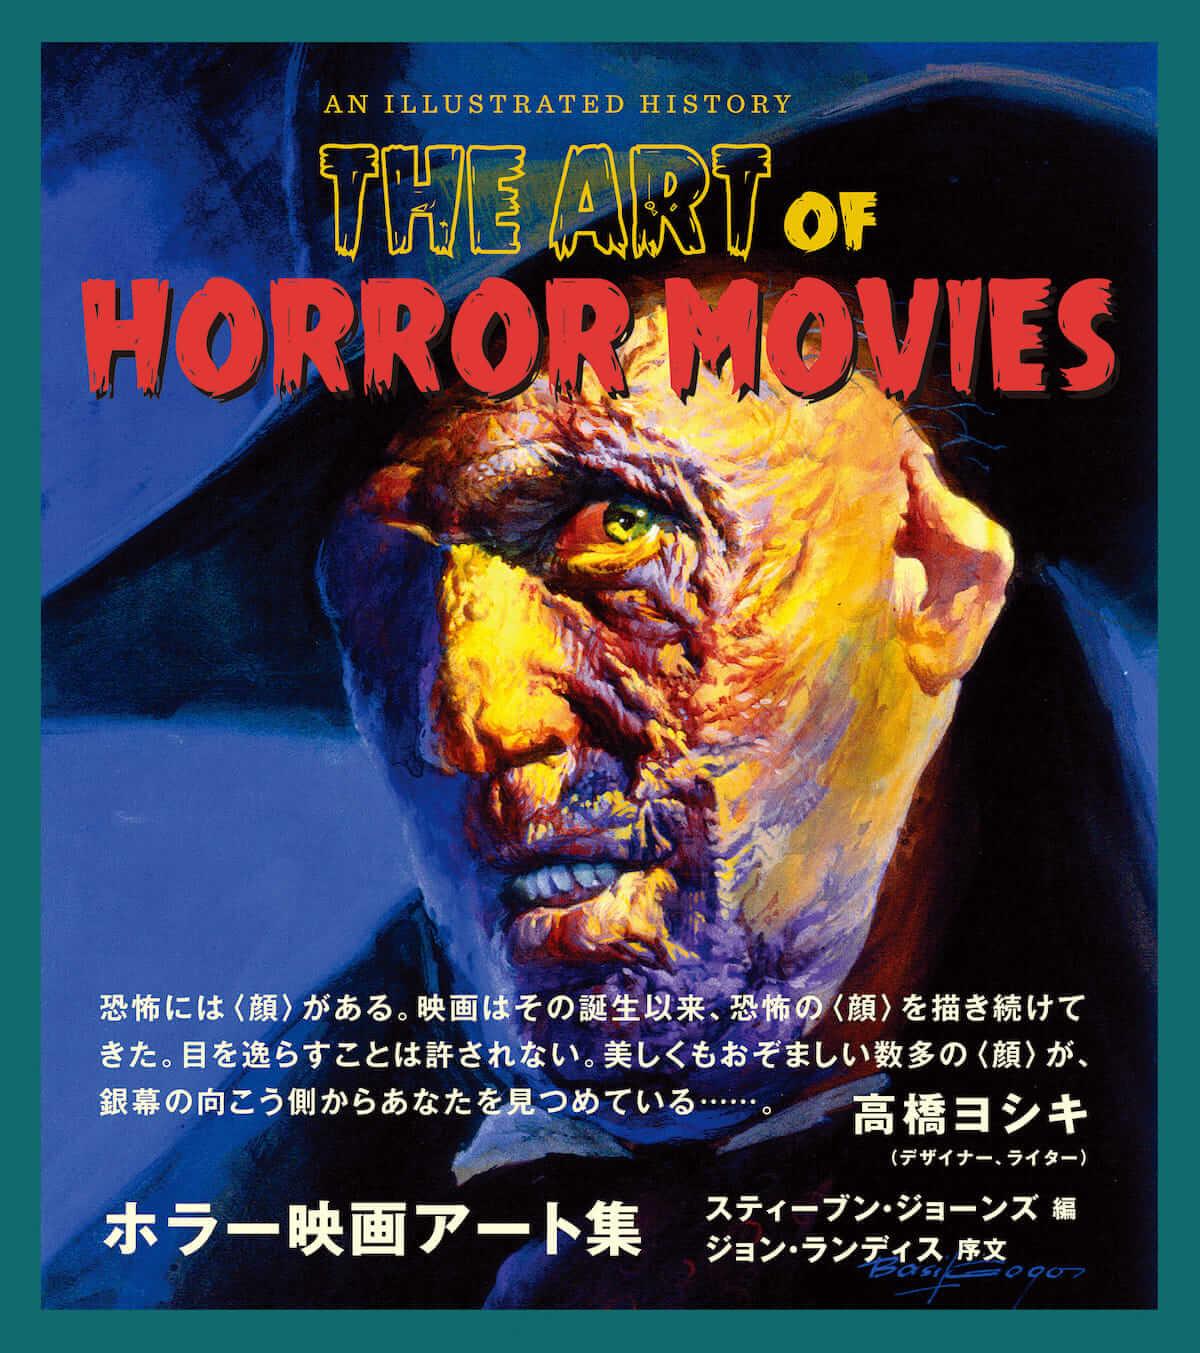 ホラー映画のビジュアルヒストリーを網羅した「ホラー映画アート集」が発売 art_culture180611_horrormovie_-1200x1353